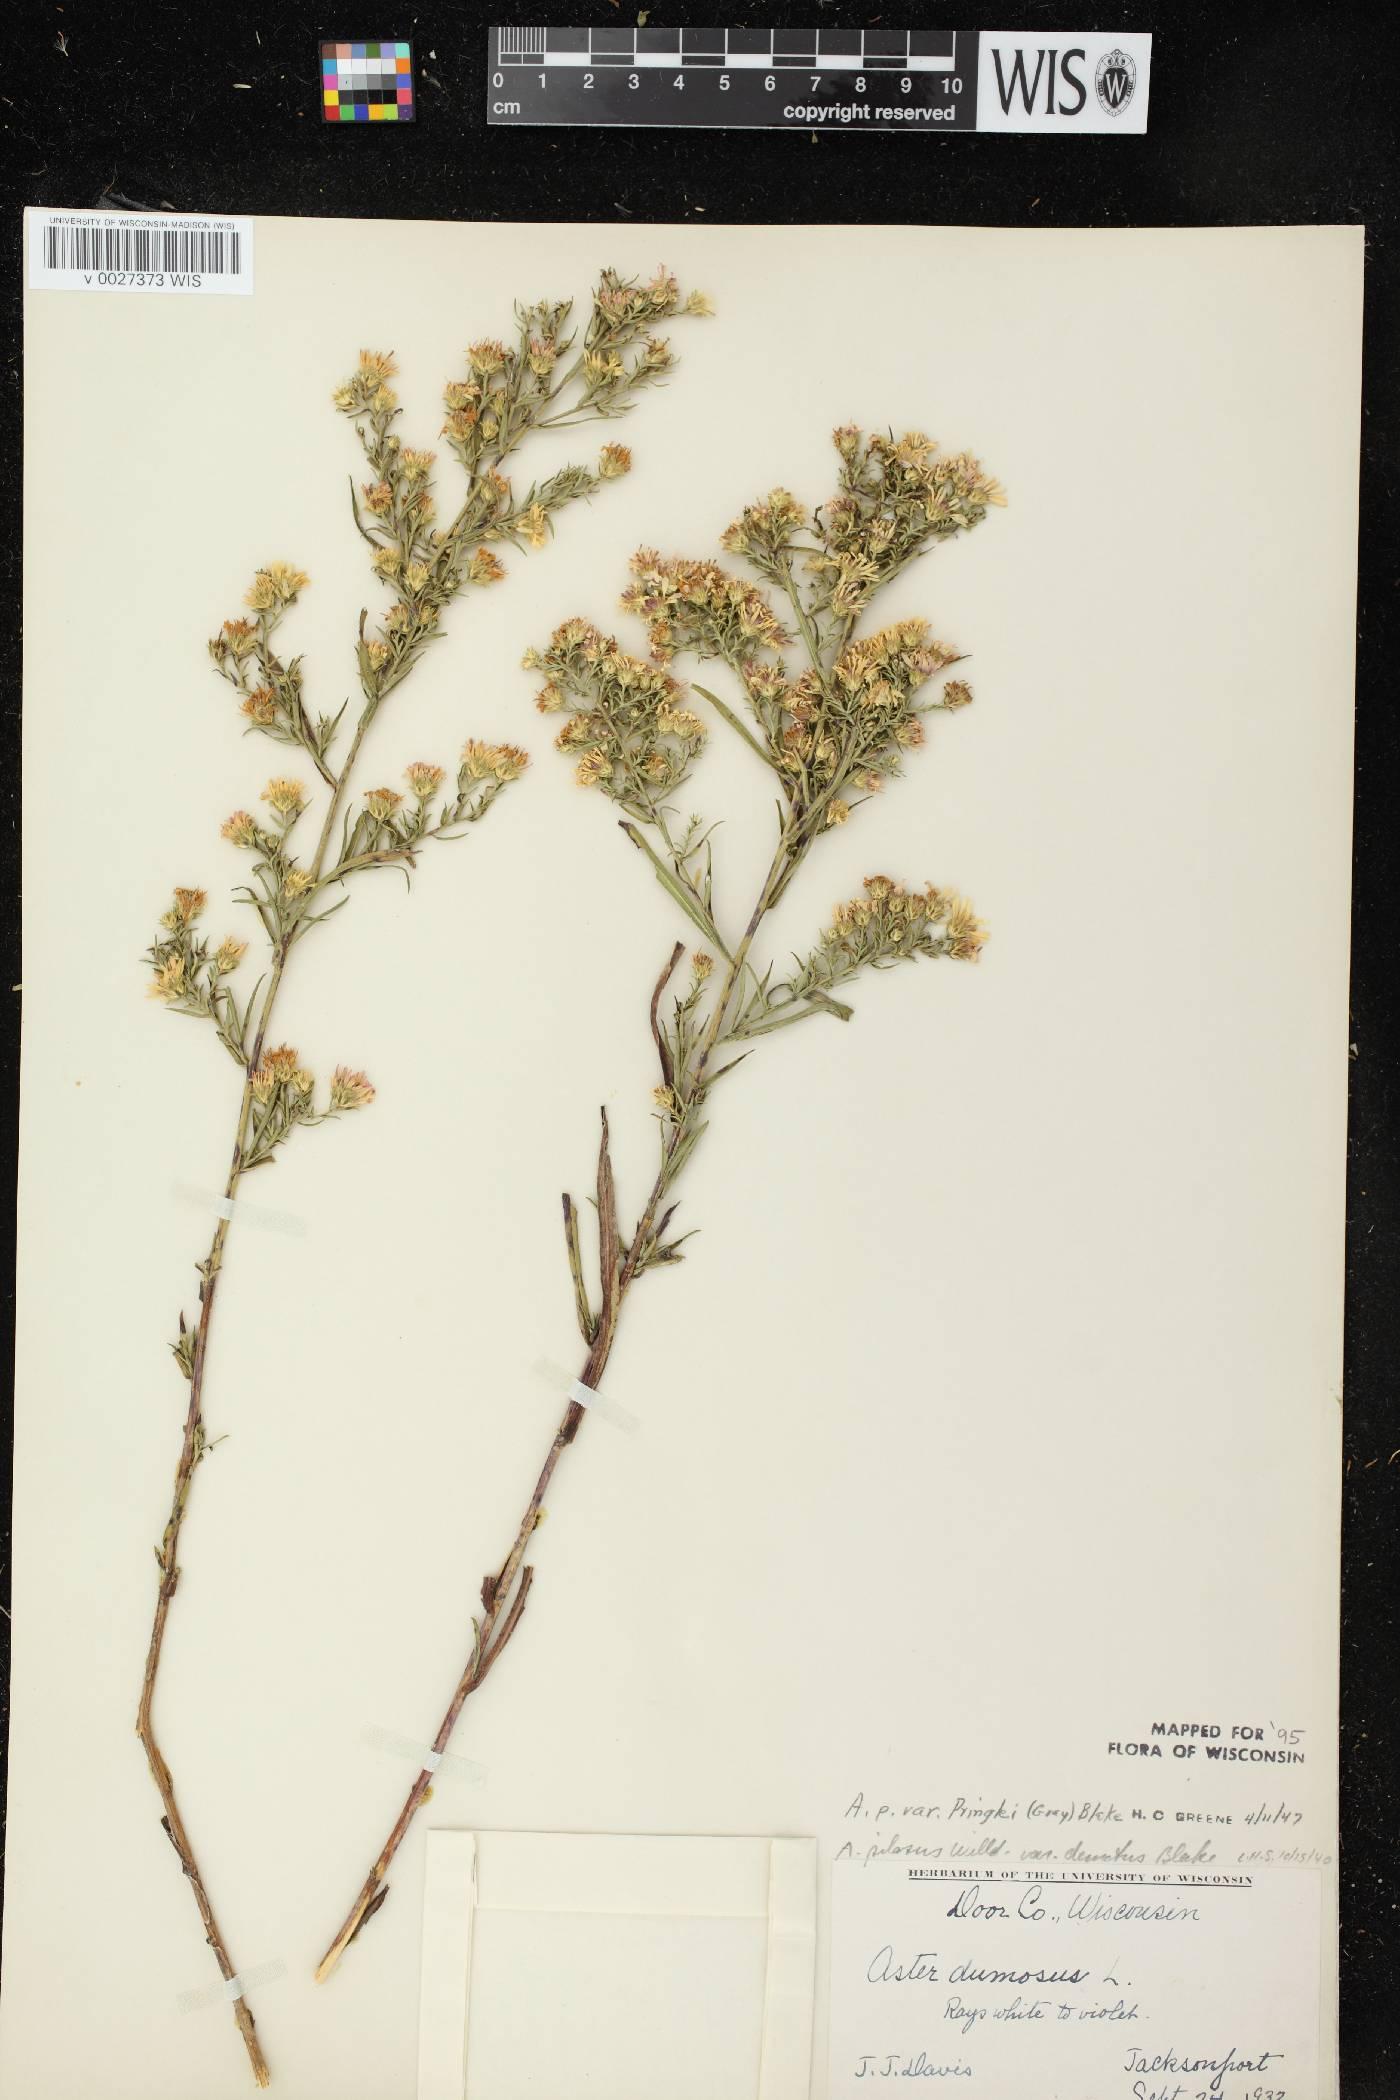 Symphyotrichum pilosum var. pringlei image